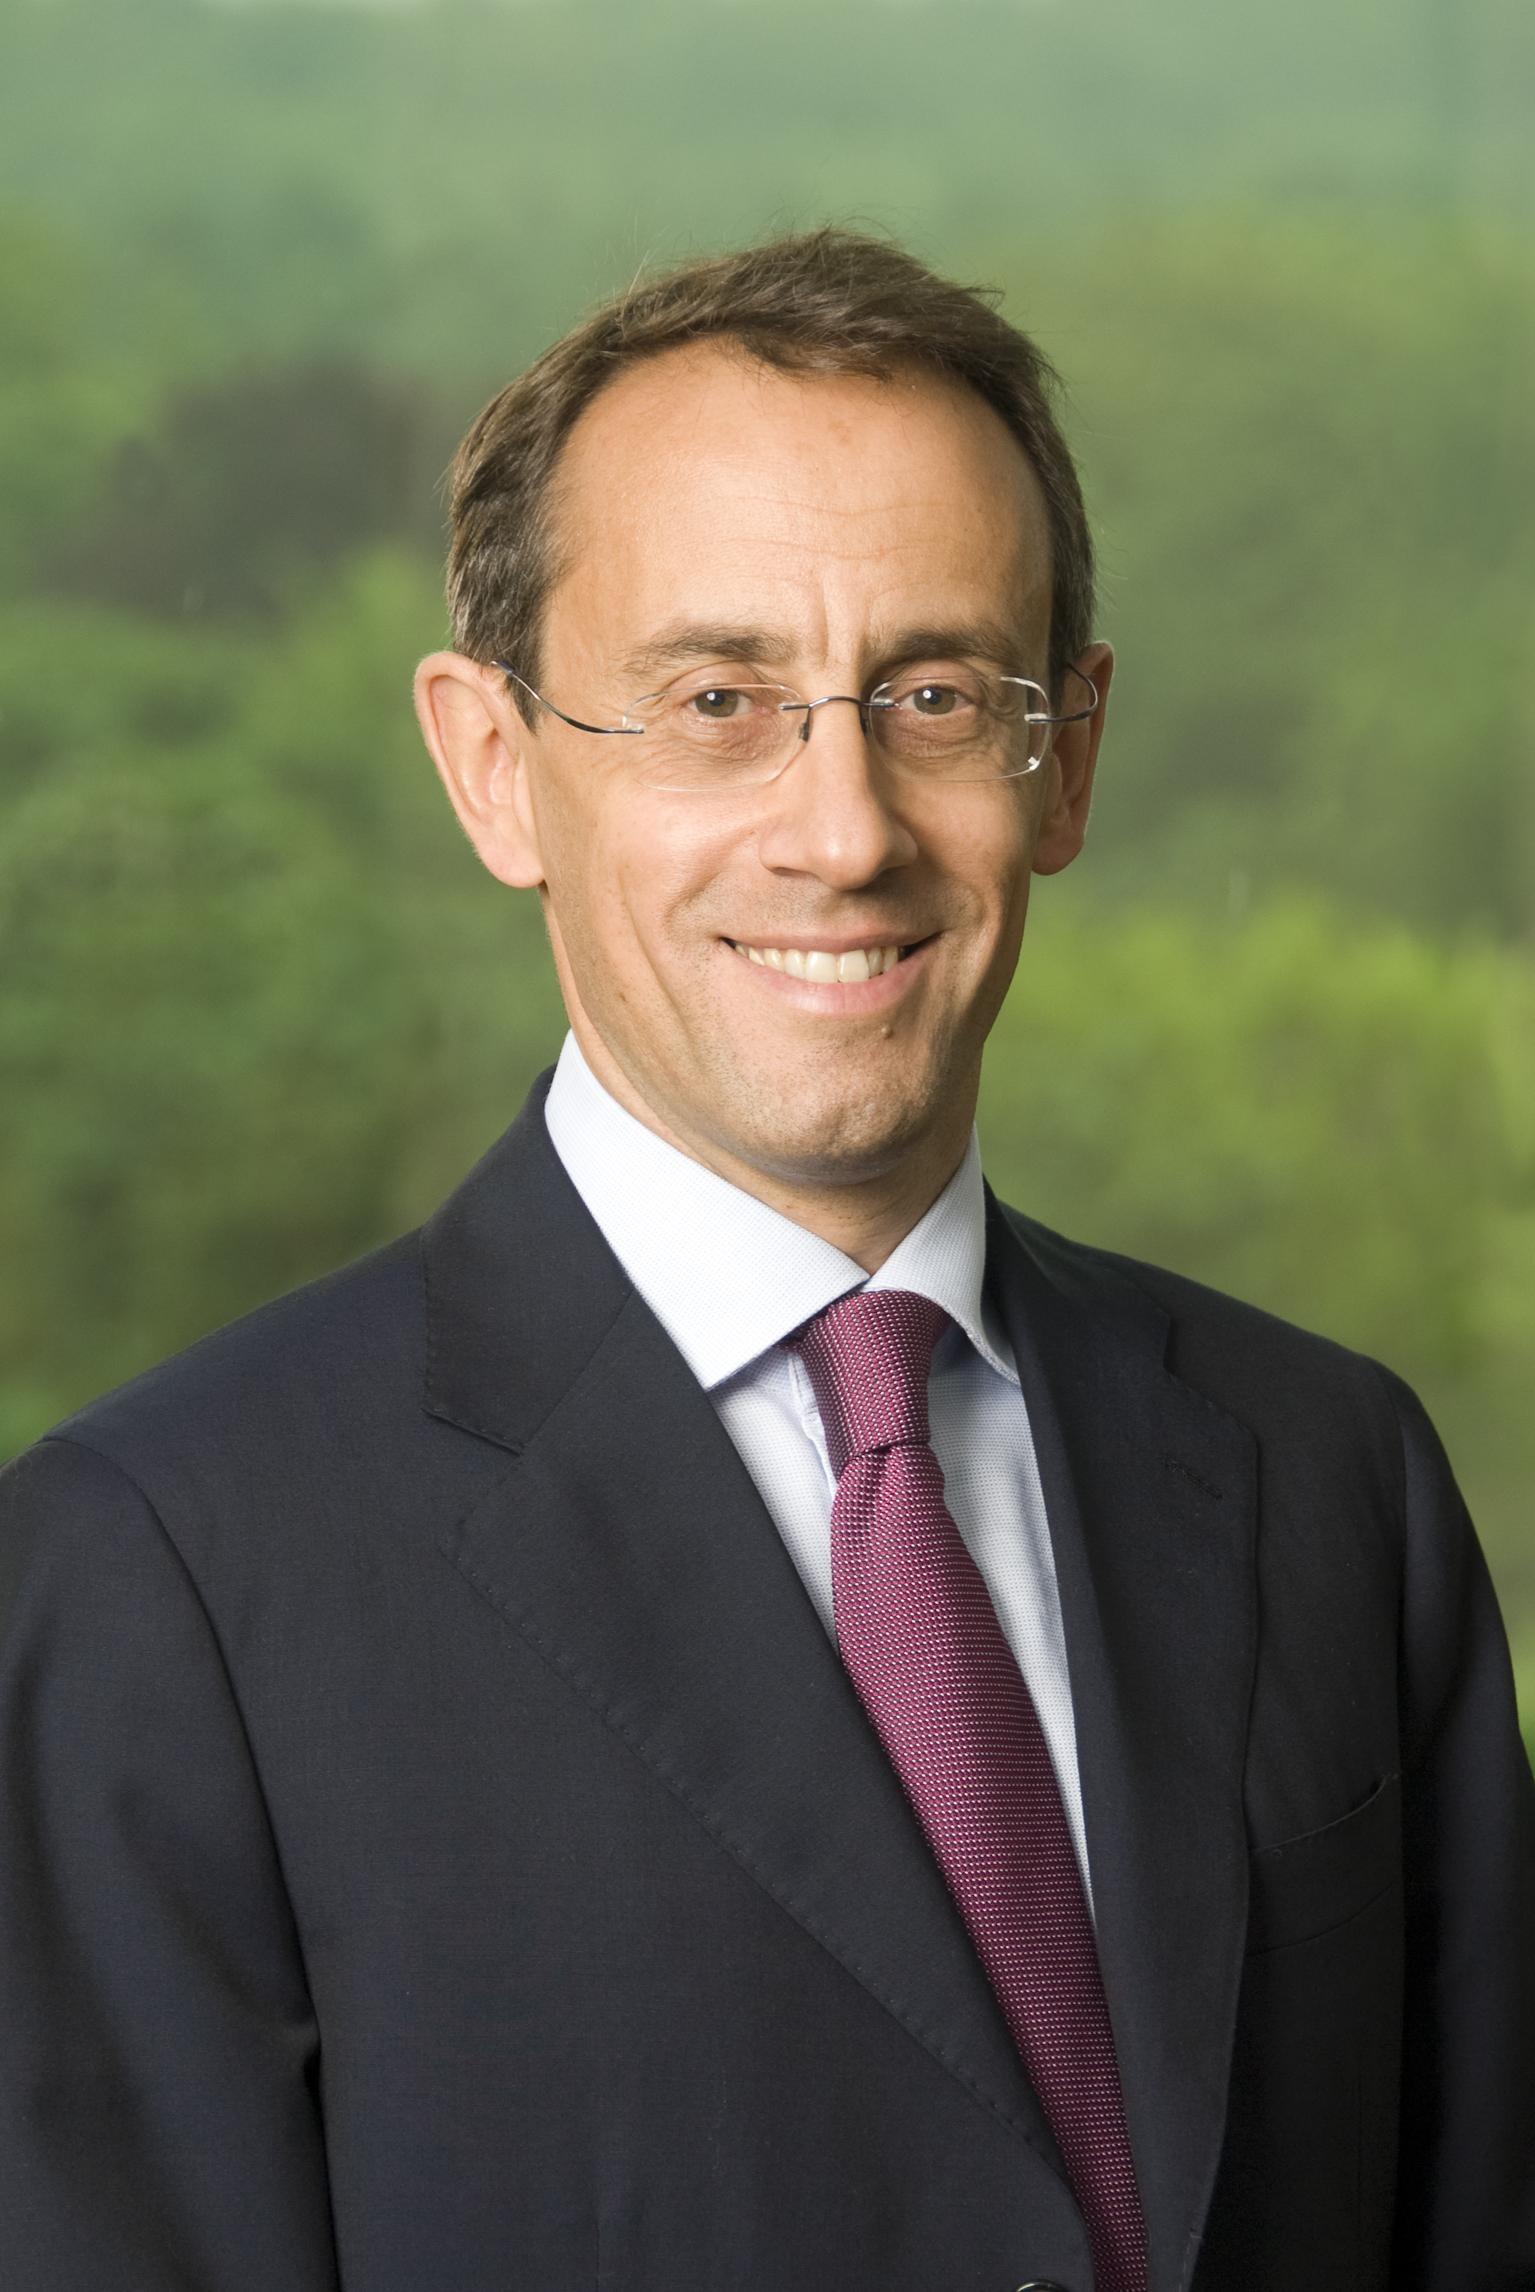 photo : Hervé Hatt, président de Meilleurtaux.com